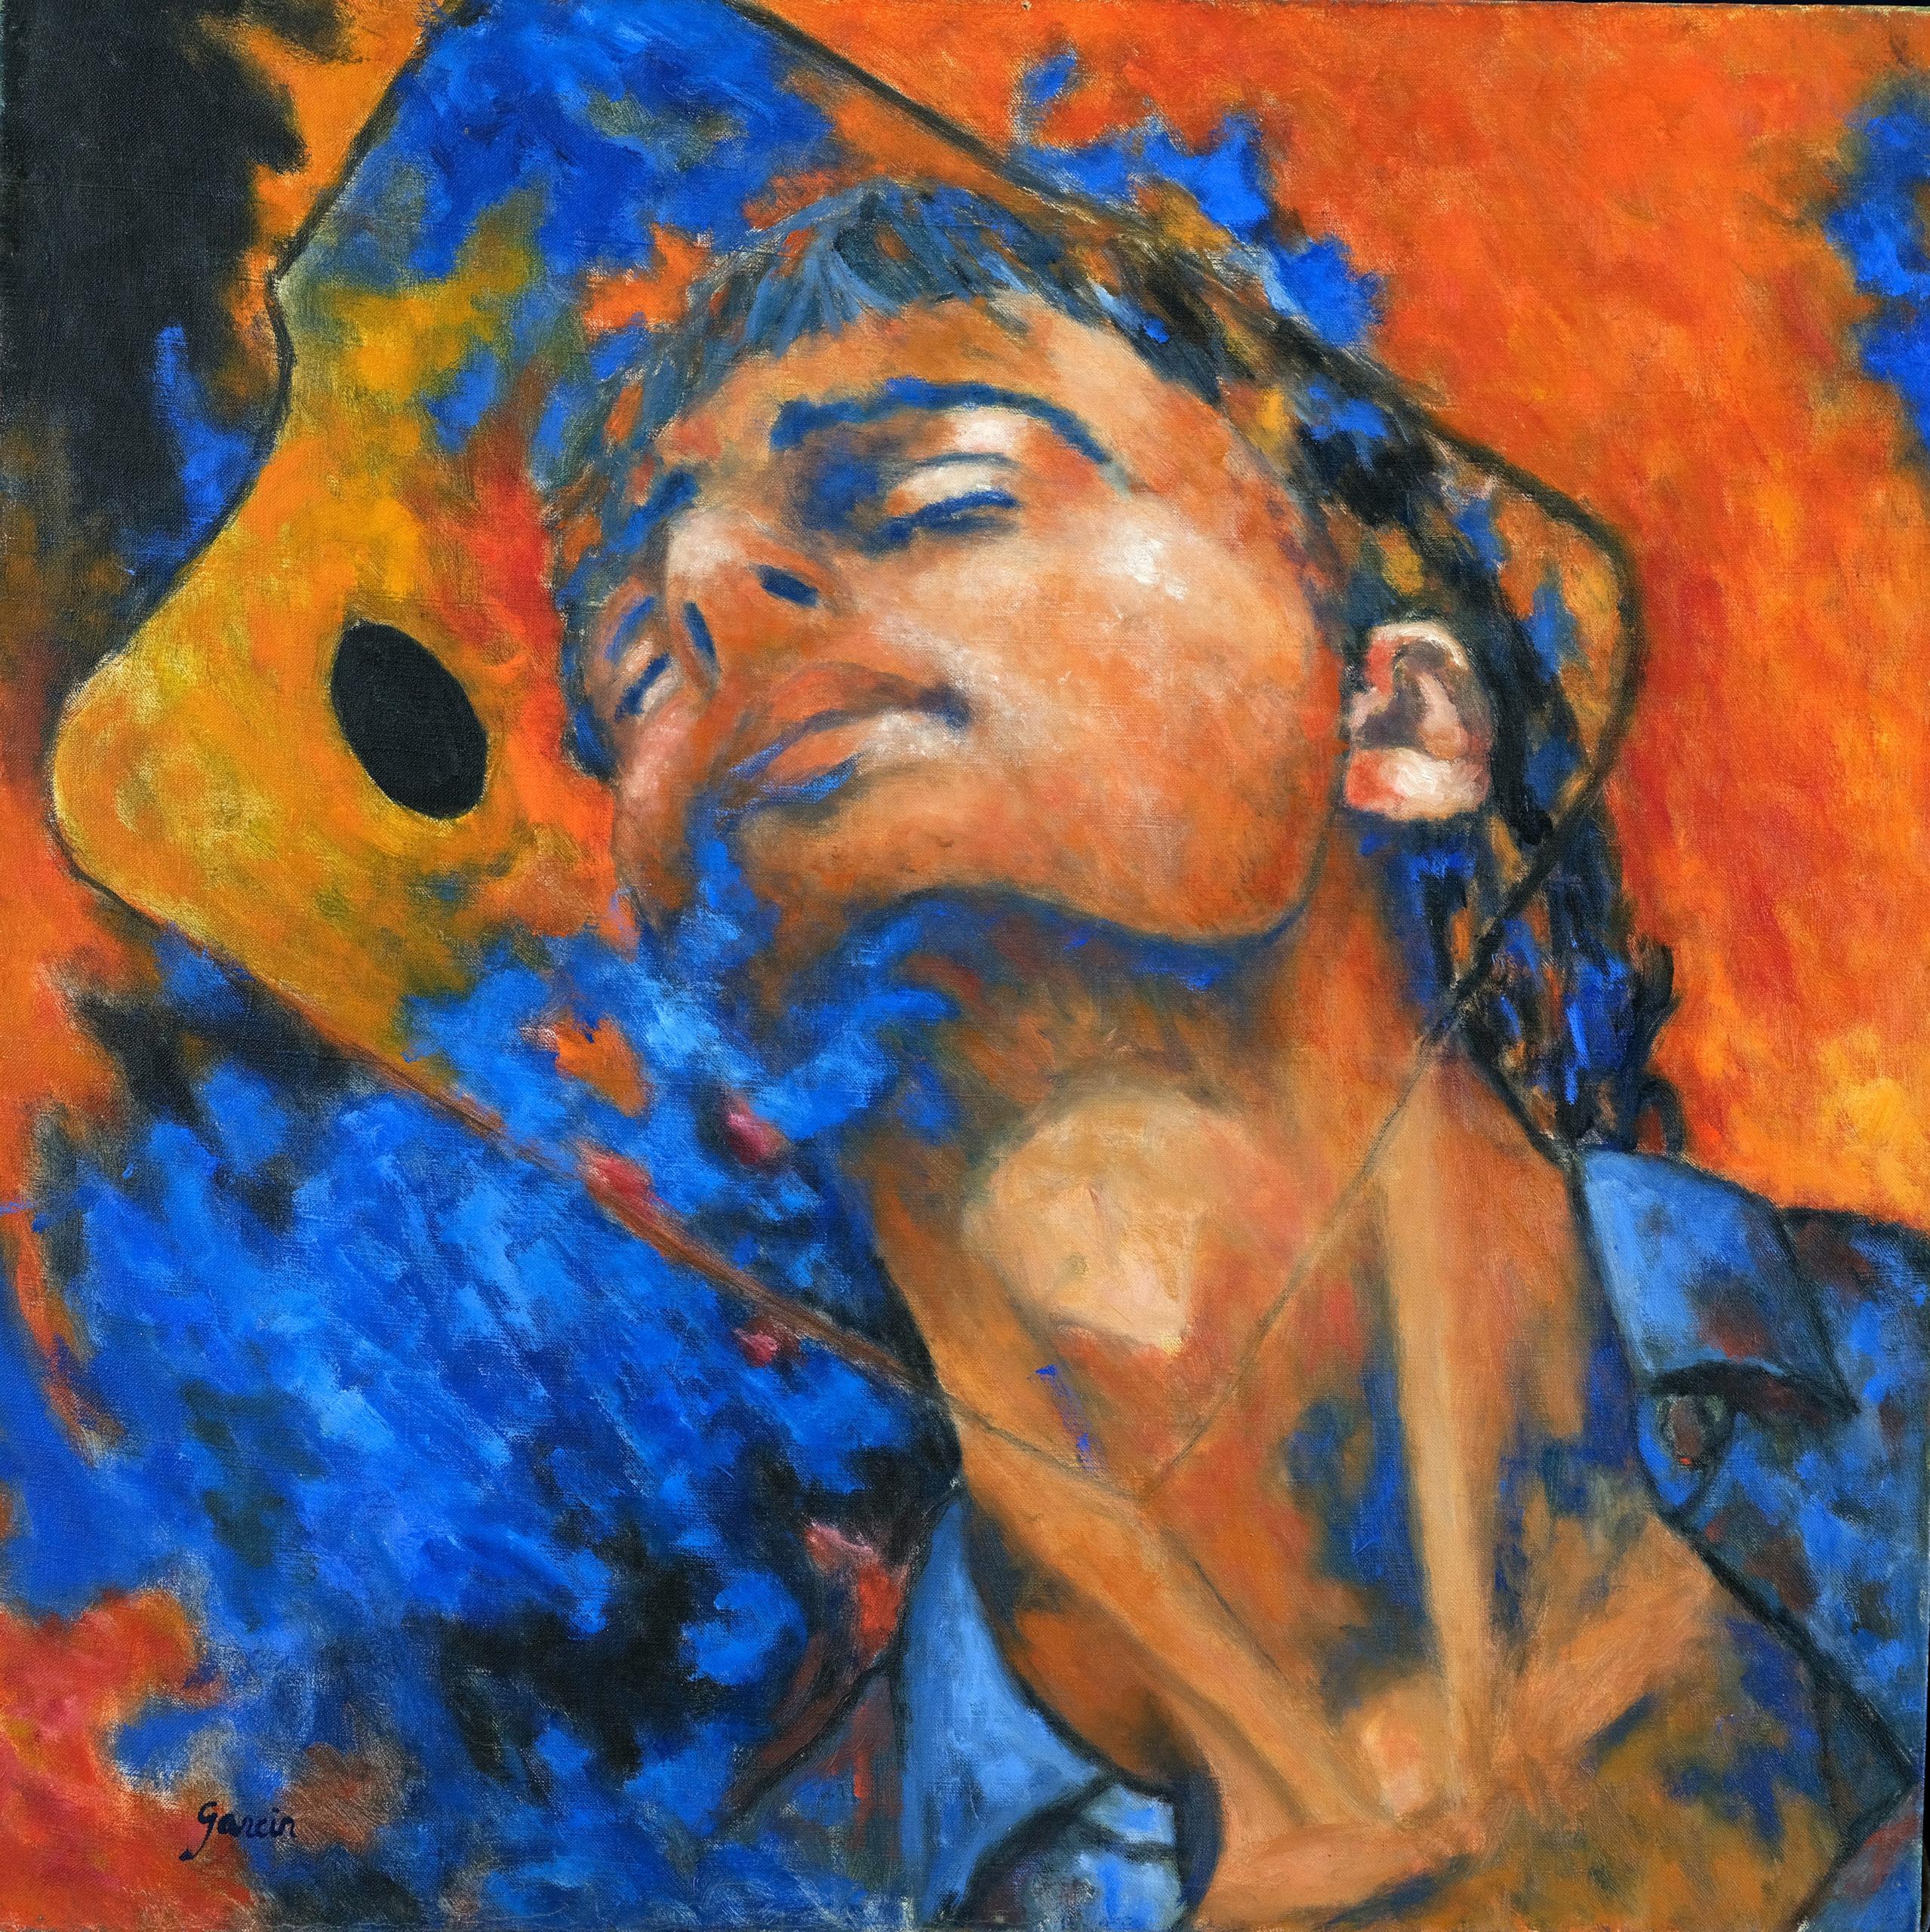 Rêves, autoportrait, 1994, huile sur toile 50 X 50 cm